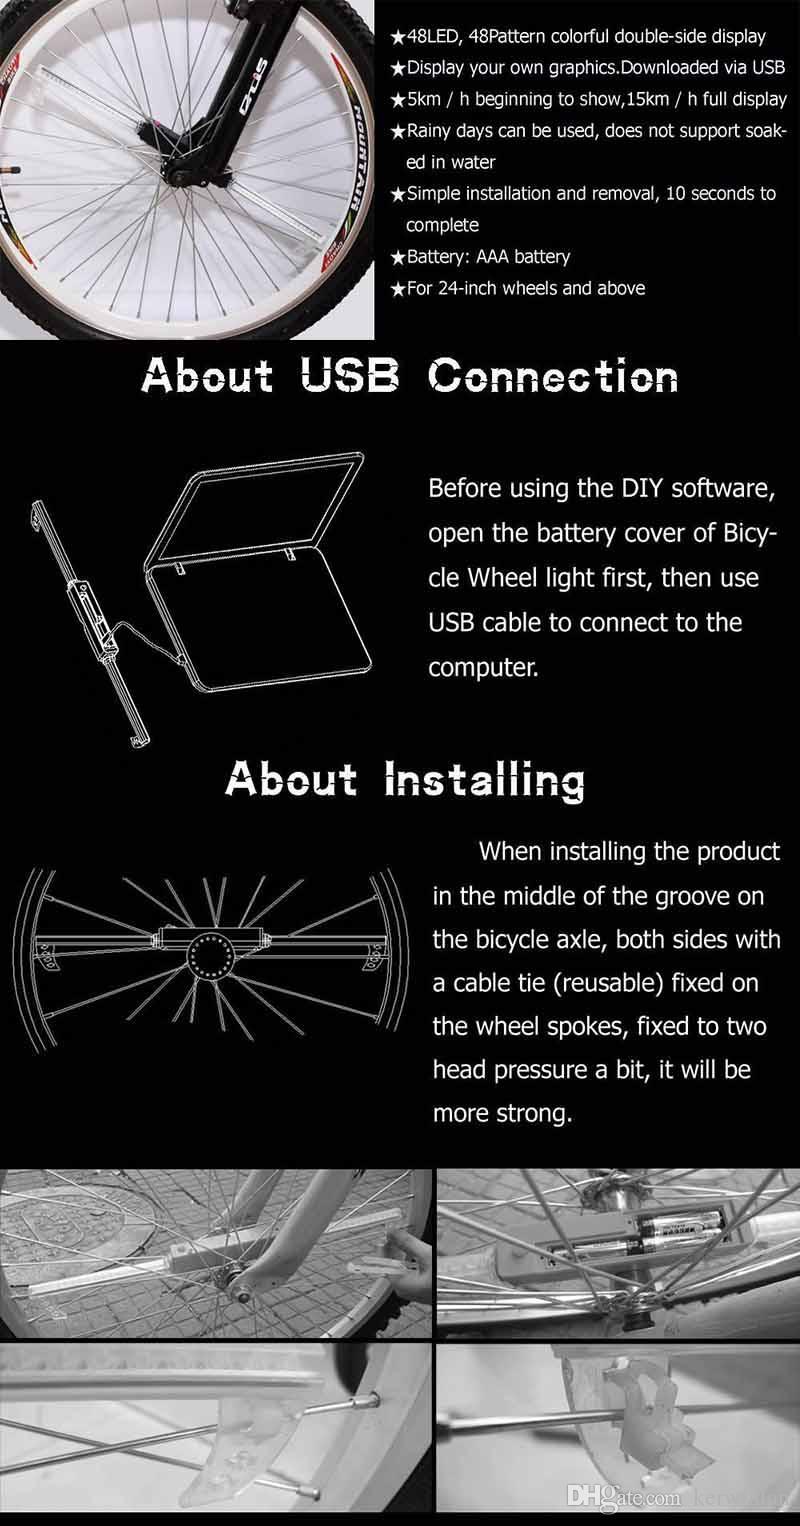 우수한 48 LED 자전거 자전거 프로그래밍 가능한 휠 플래시 라이트 더블 사이드 디스플레이 48 DIY Designs Patterns Rim Lighting RGB for Kinds Bike